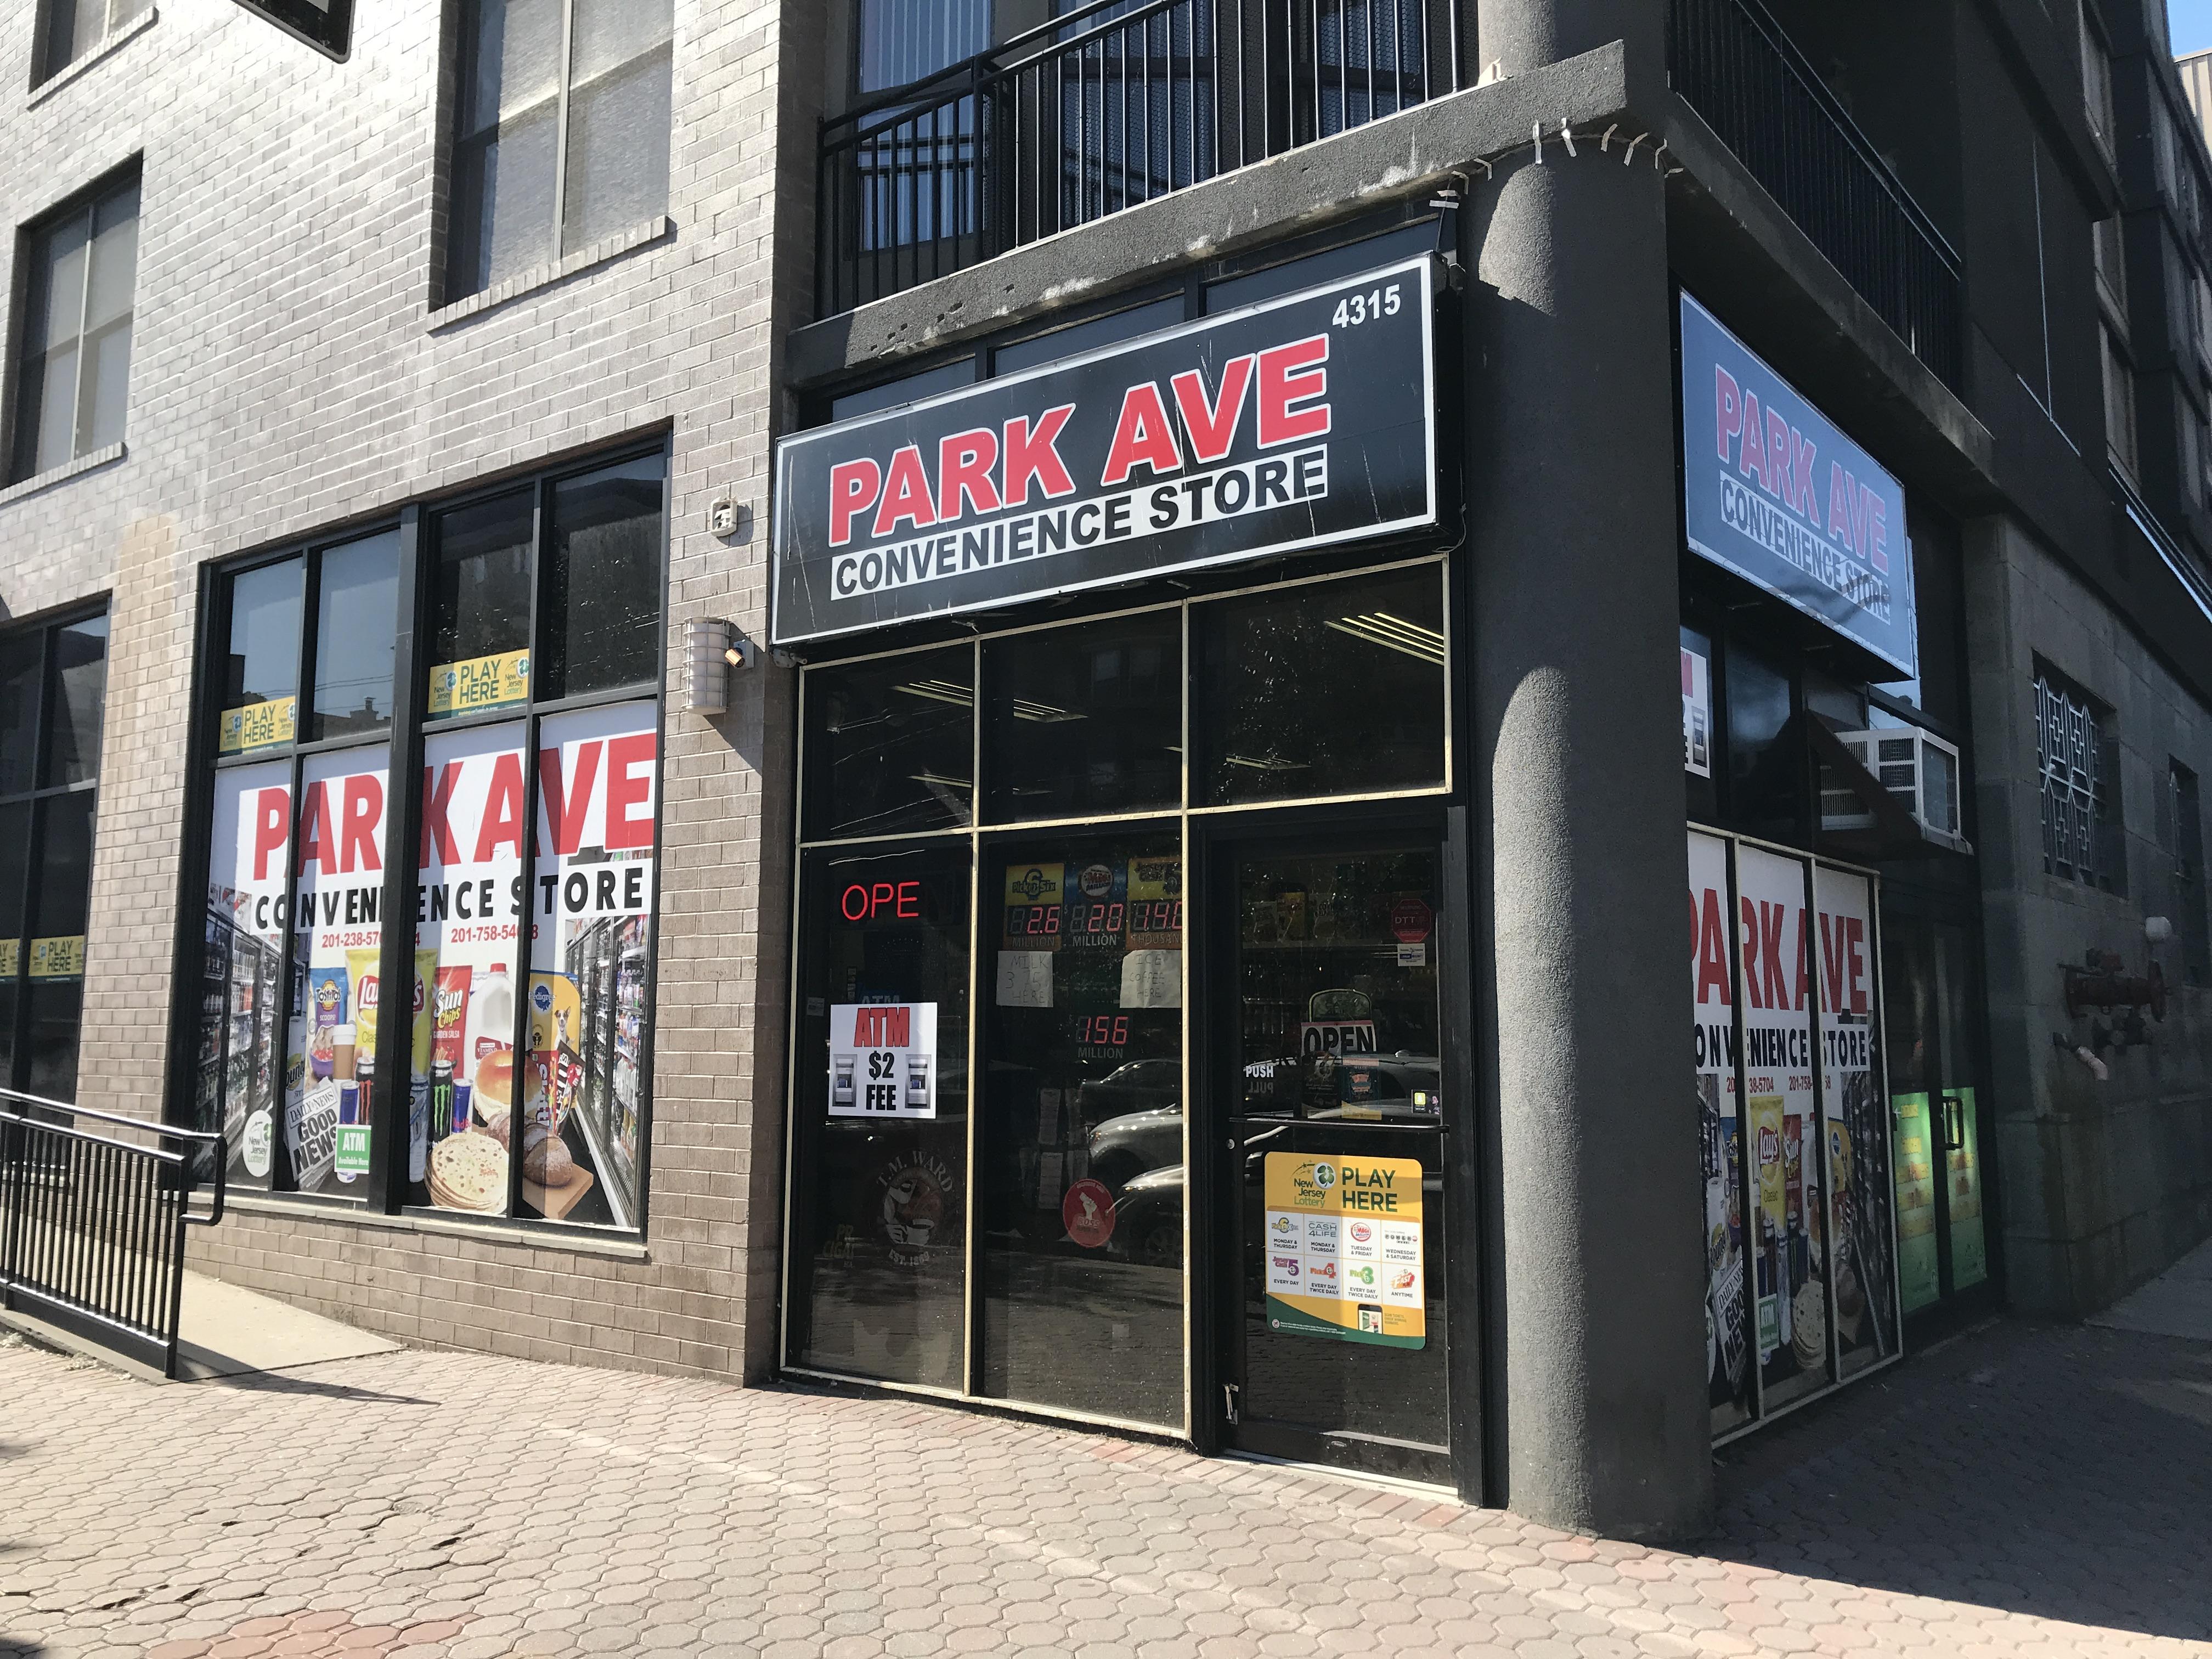 Park Ave Convenience Store